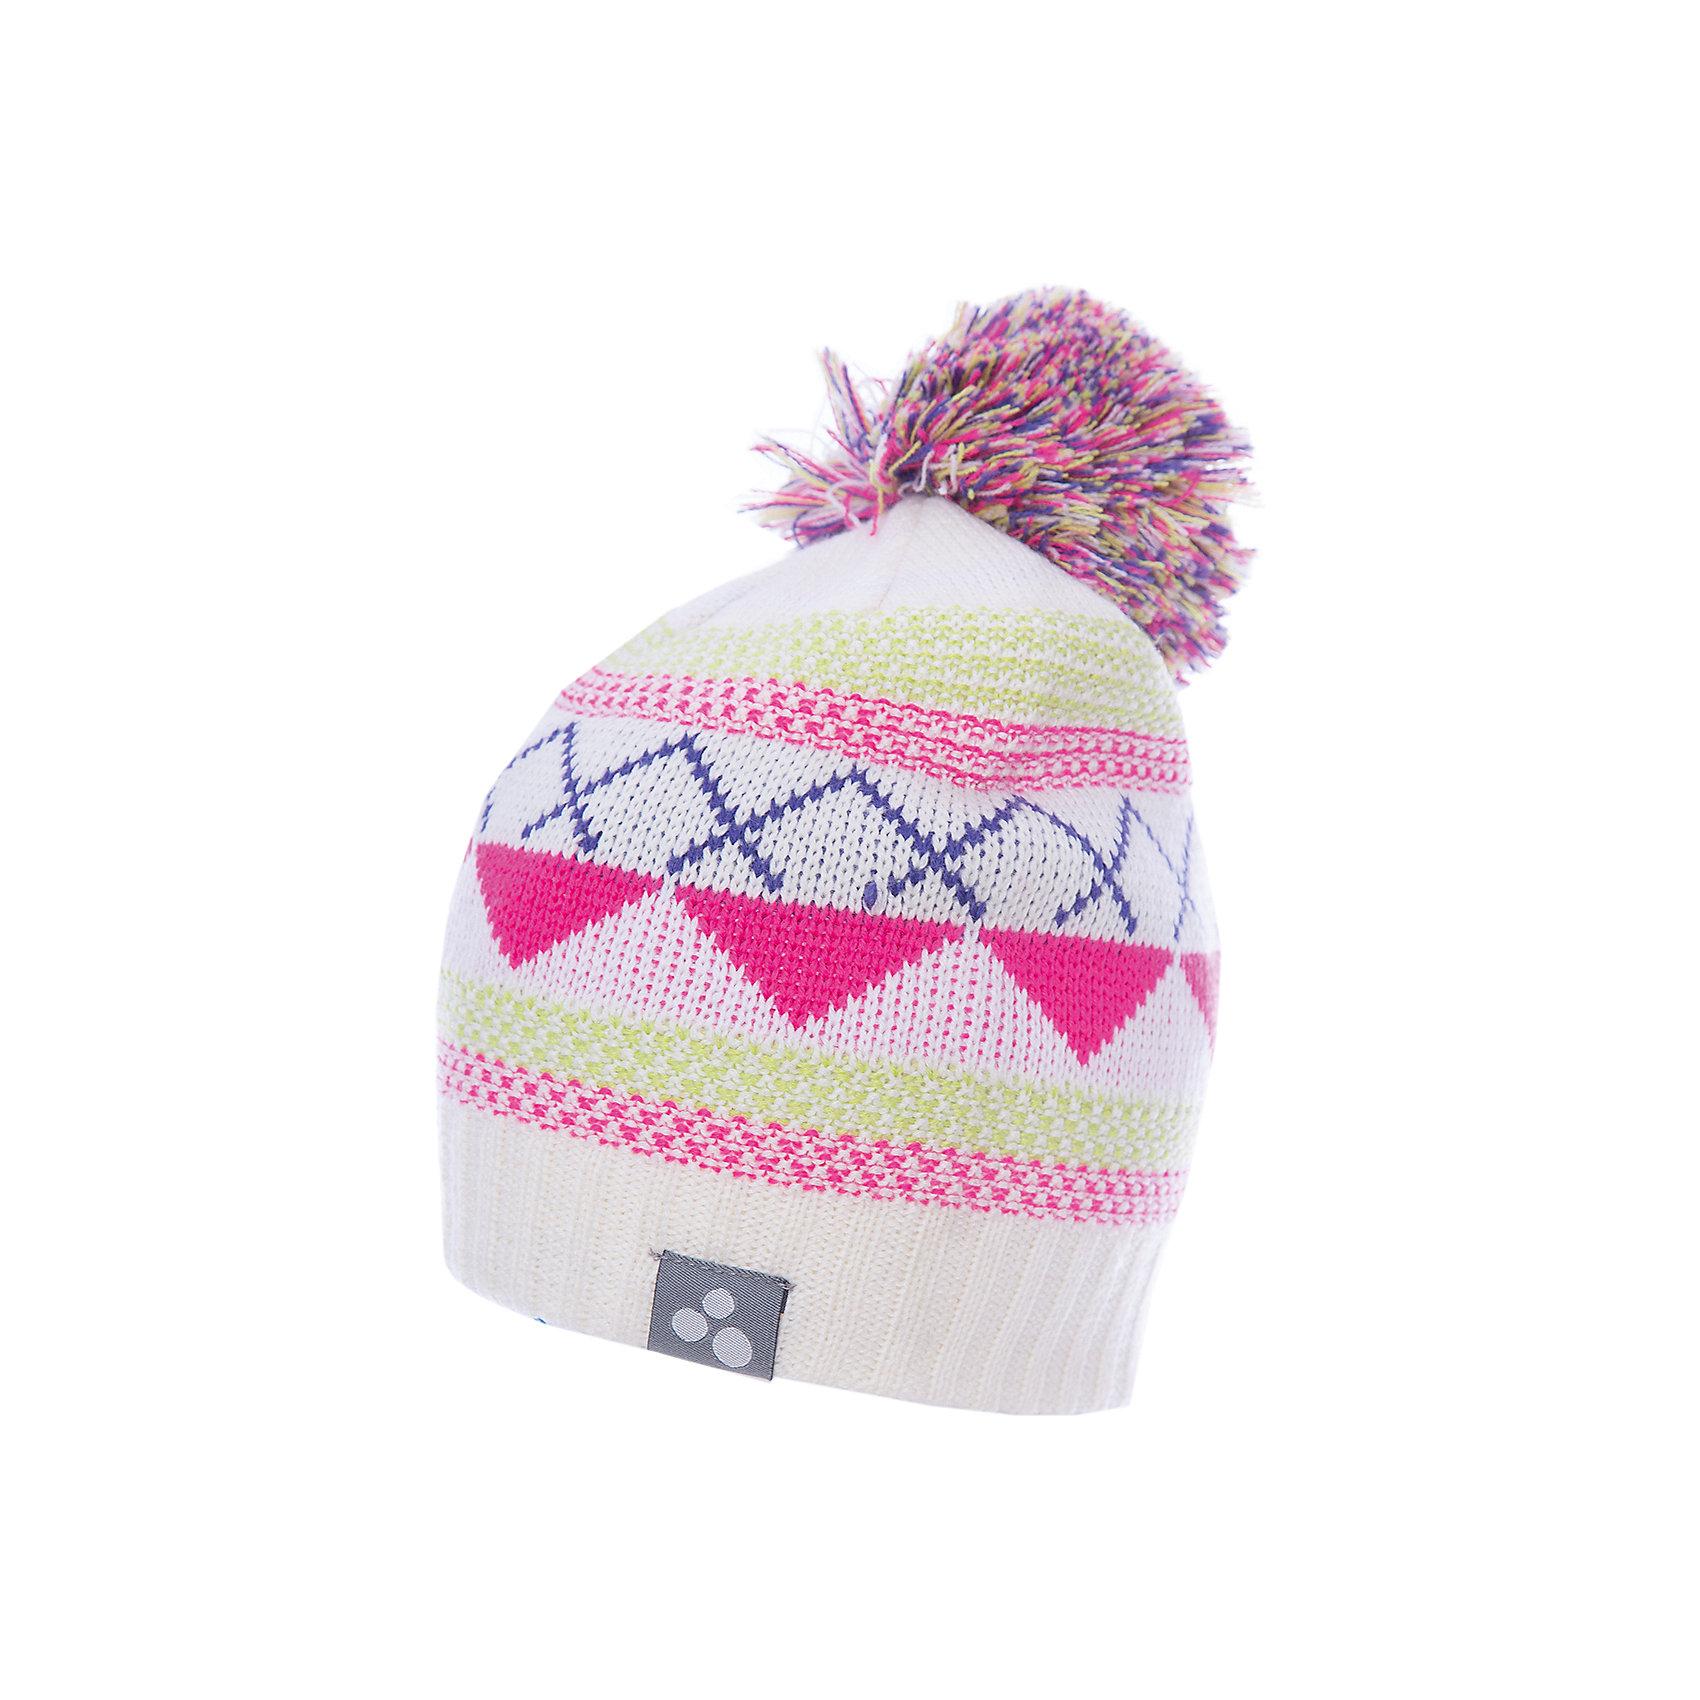 Шапка Huppa FerrisГоловные уборы<br>Вязаная детская шапка FERRIS.Теплая яркая вязанная шапочка c помпоном, прекрассно подойдет для повседневных прогулок в холодную погоду.<br>Состав:<br>50% мерс.шерсть, 50% акрил<br><br>Ширина мм: 89<br>Глубина мм: 117<br>Высота мм: 44<br>Вес г: 155<br>Цвет: белый<br>Возраст от месяцев: 132<br>Возраст до месяцев: 156<br>Пол: Унисекс<br>Возраст: Детский<br>Размер: 57-59,55-57,51-53,47-49<br>SKU: 7023946